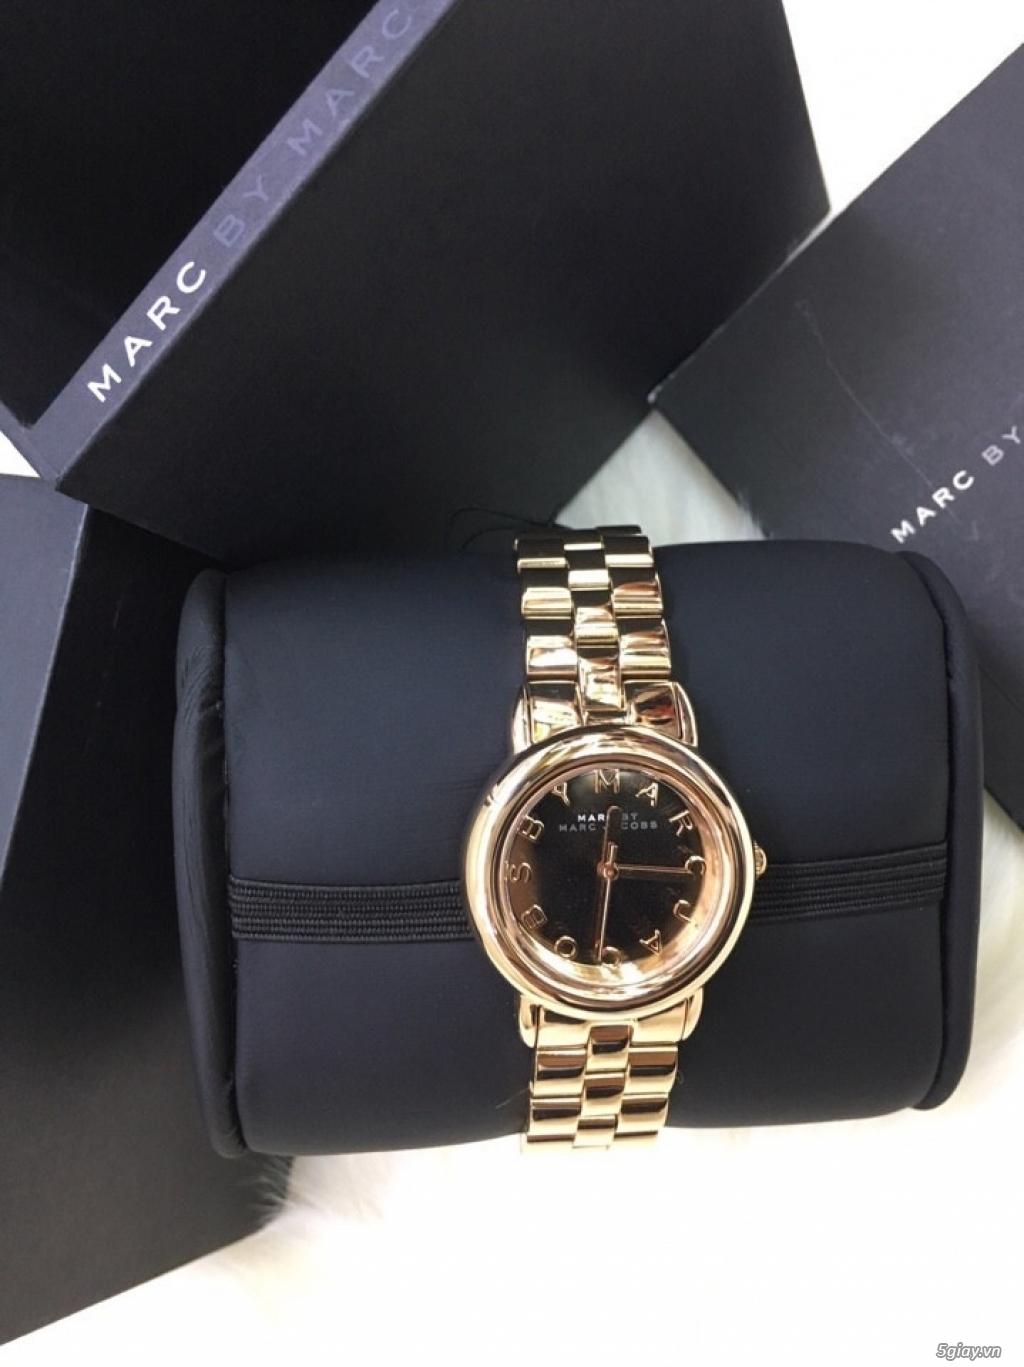 Đồng hồ chính hãng Michael Kors giá rẻ - 9